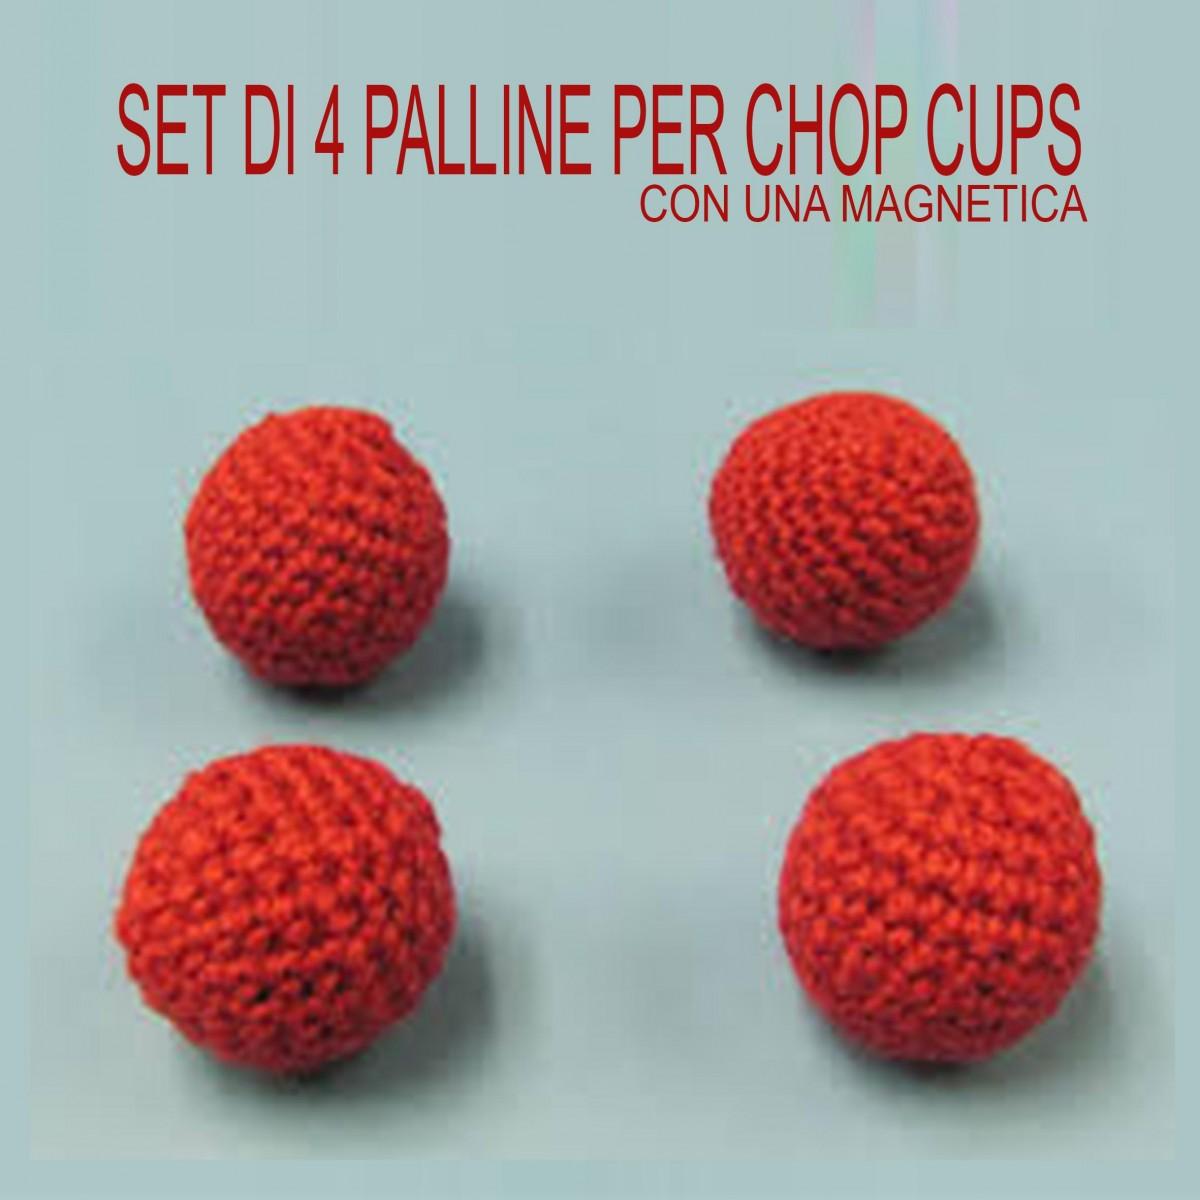 Set di 4 Palline per Chop Cups 2,5cm